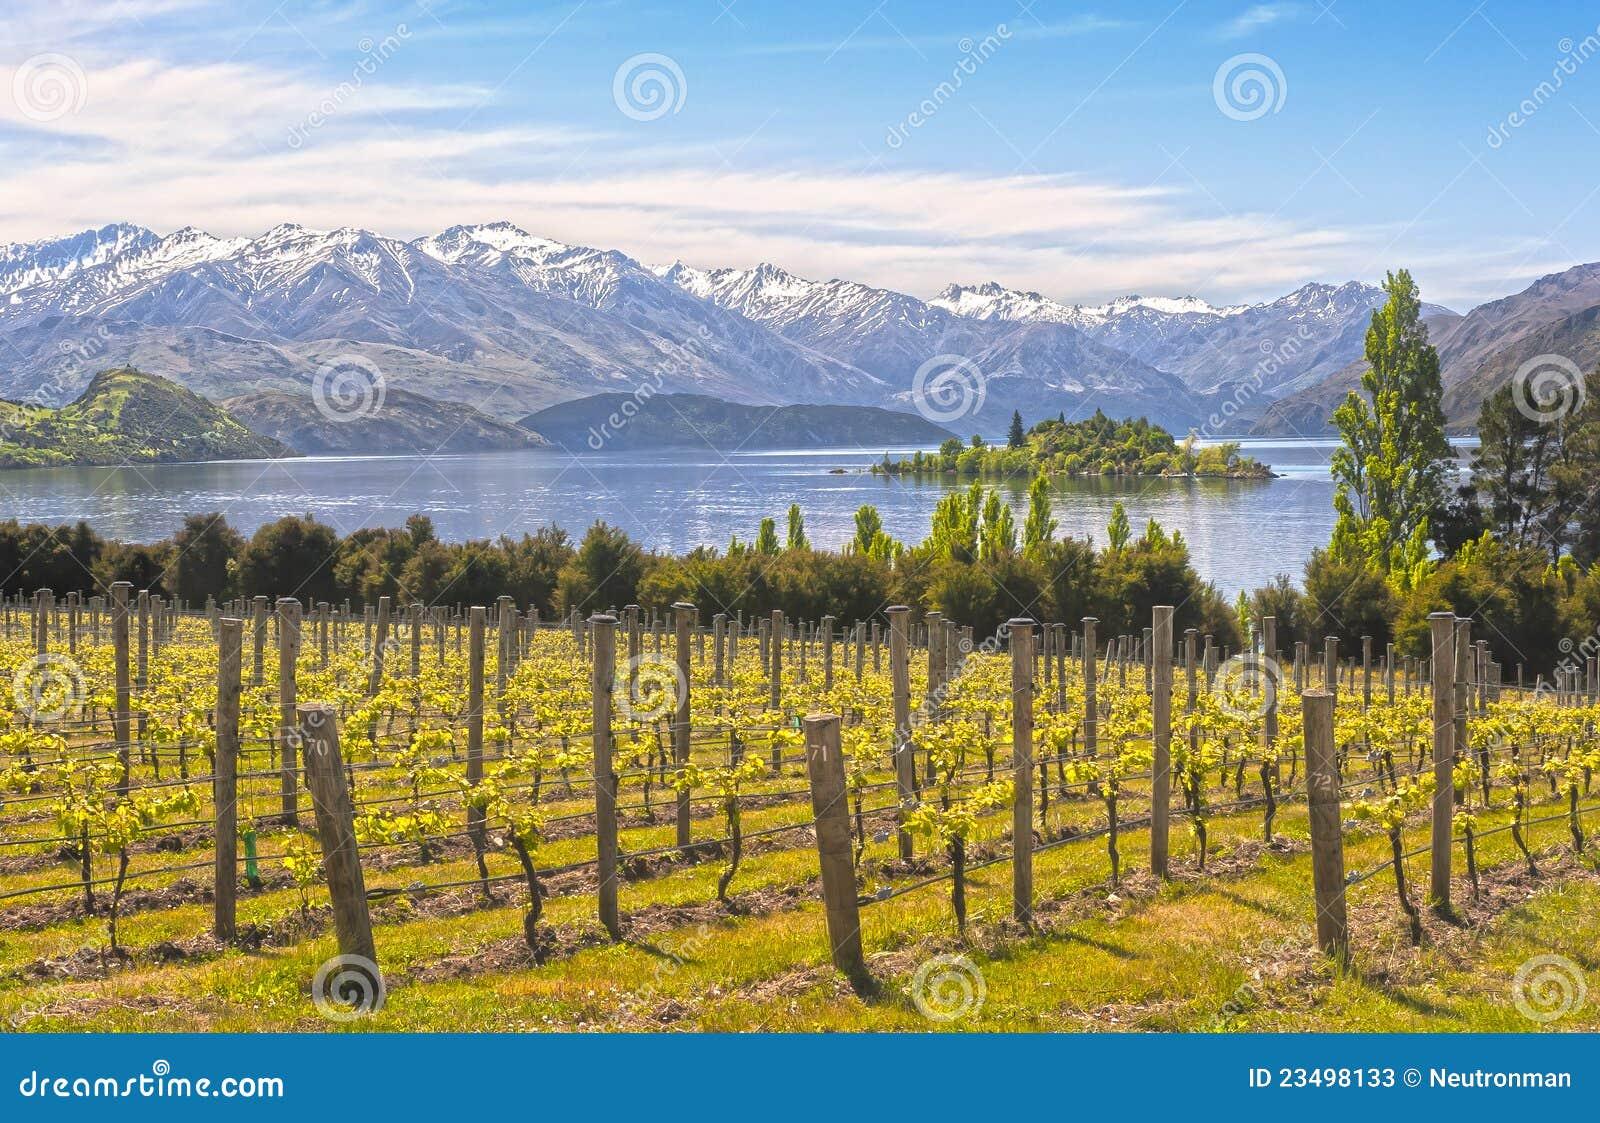 Viñedo en el lago - Nueva Zelandia